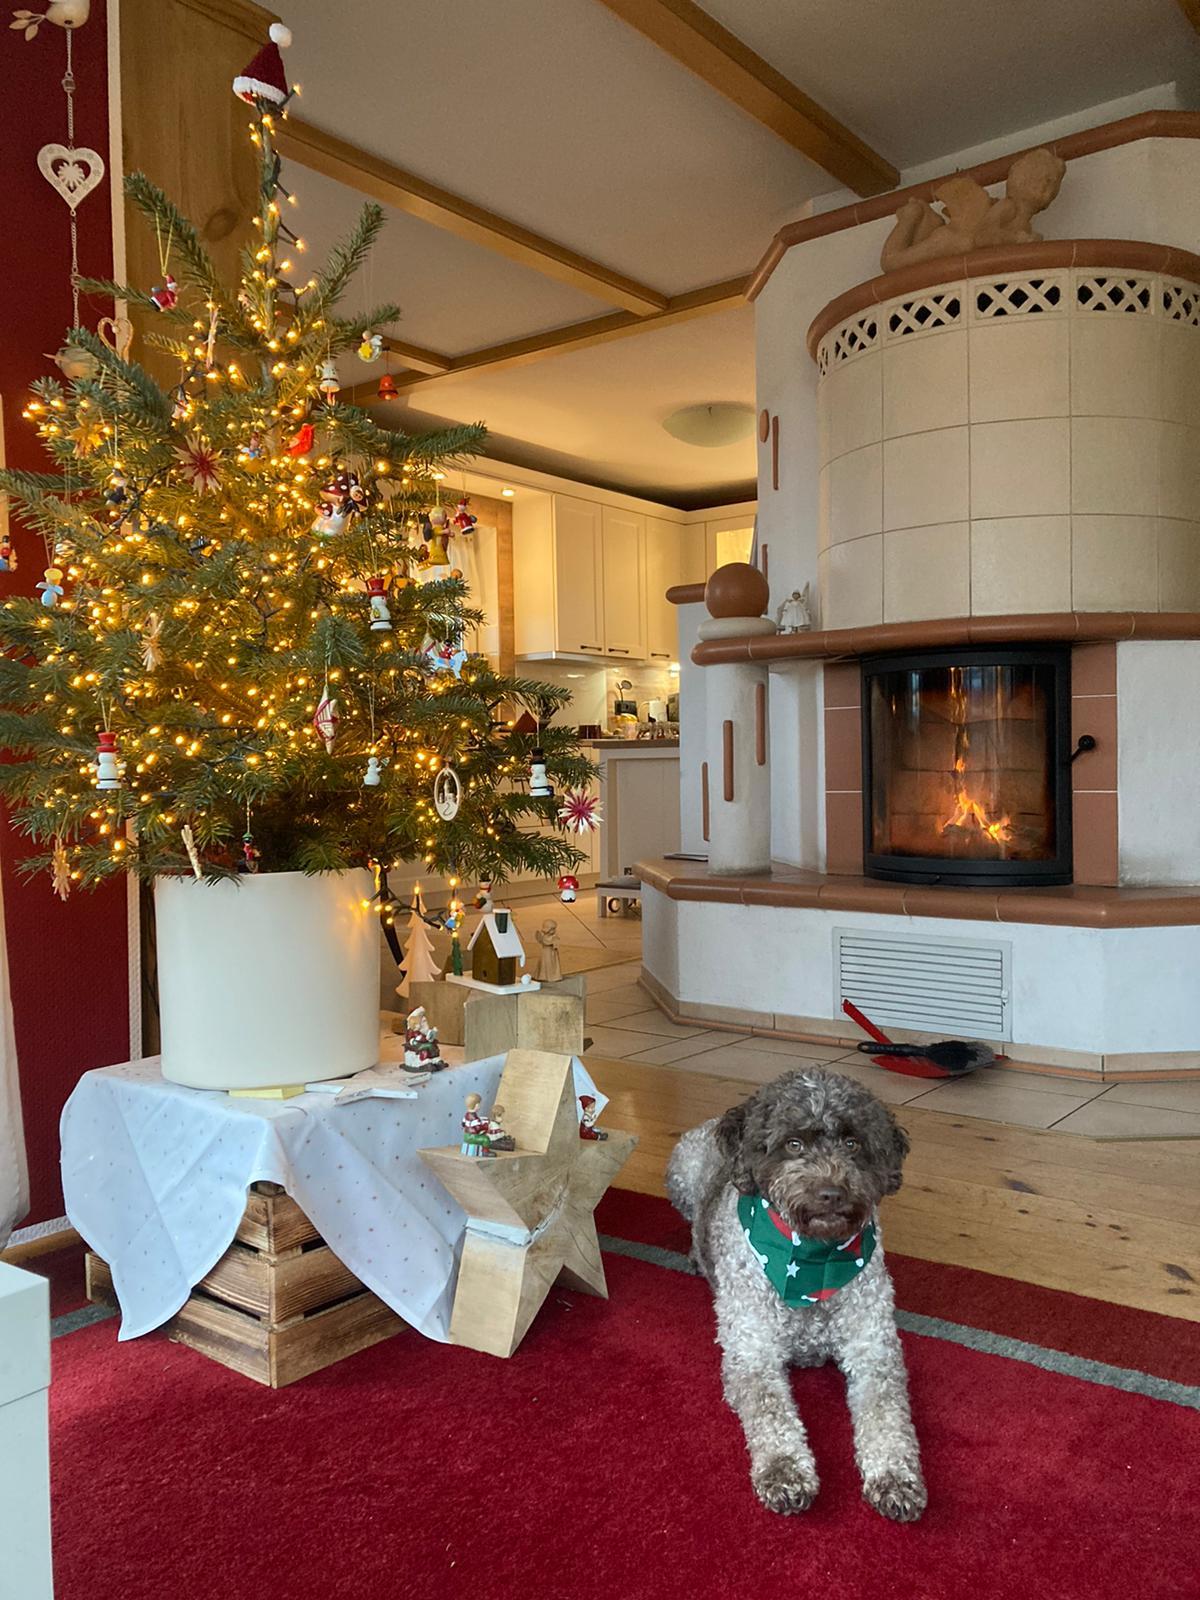 Paula bewacht den Baum - Merry Christmas